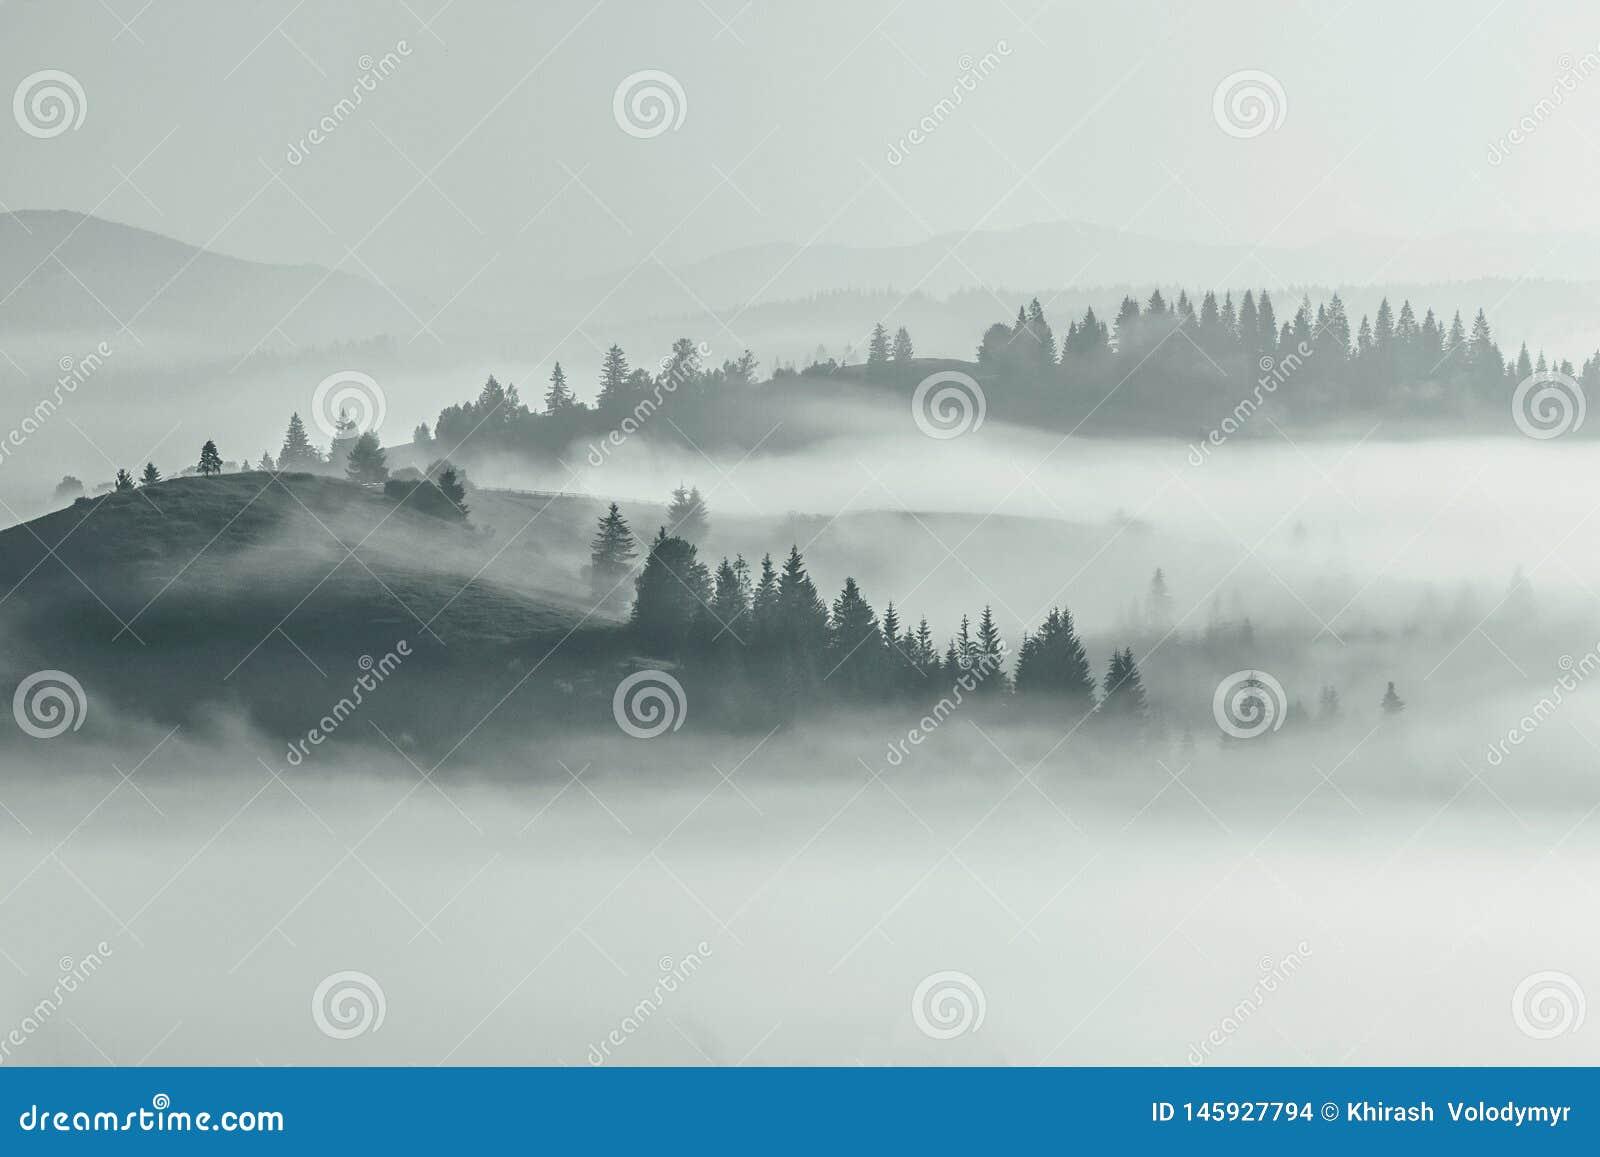 山夏天视图,神奇薄雾包括谷和小山在树,惊人的有雾的场面,壮观的黎明自然图象,